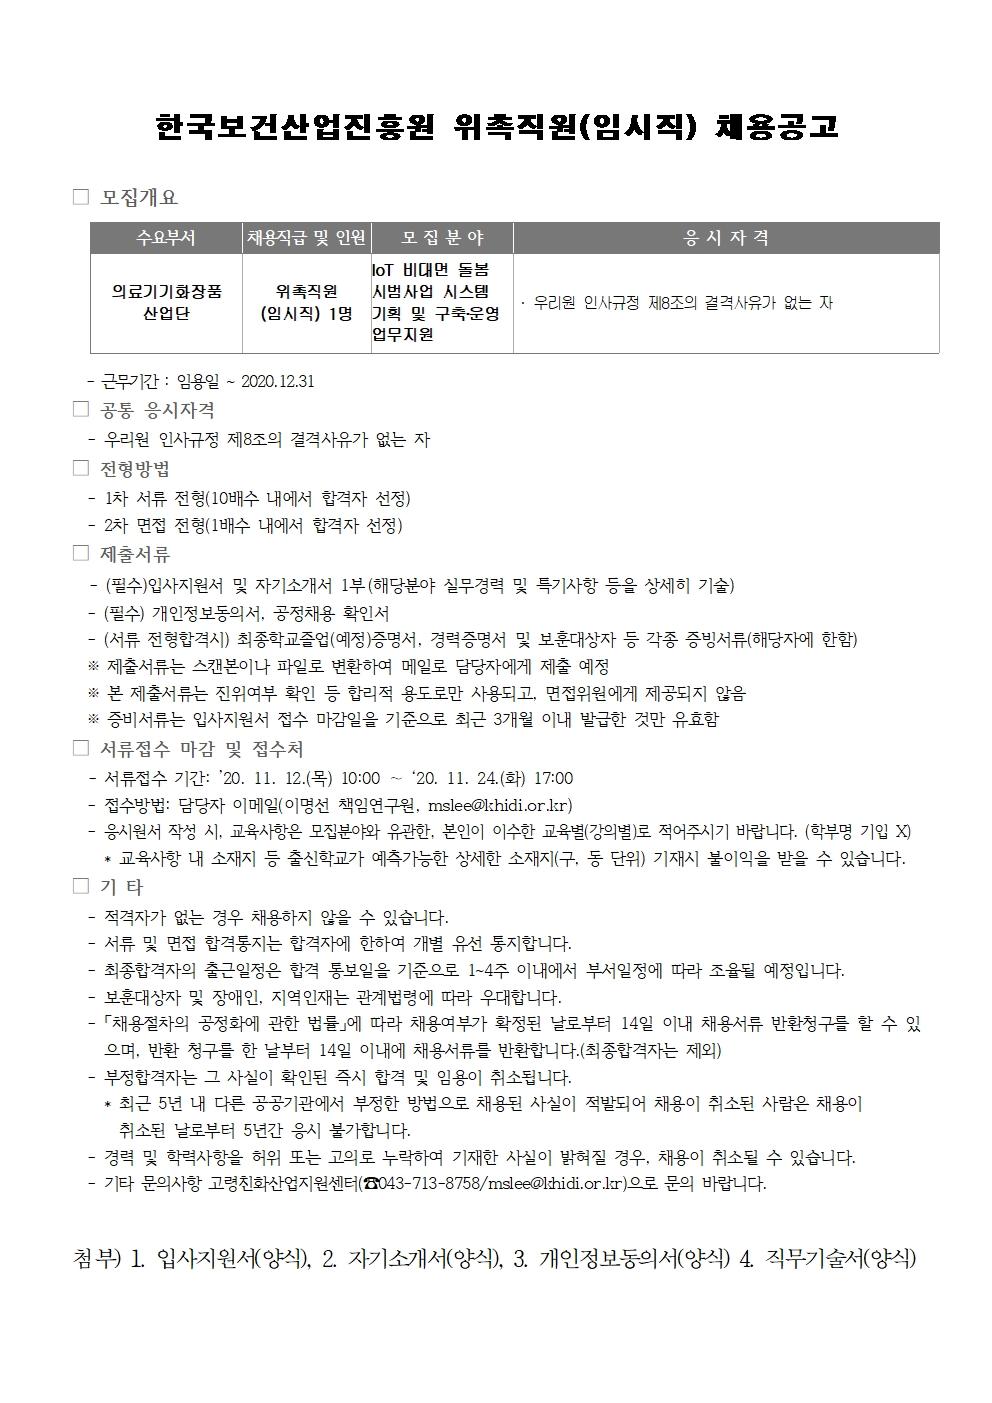 한국보건산업진흥원  위촉직원(임시직) 채용공고 - 자세한 내용은 첨부된 파일을 다운받아 확인해 주세요.